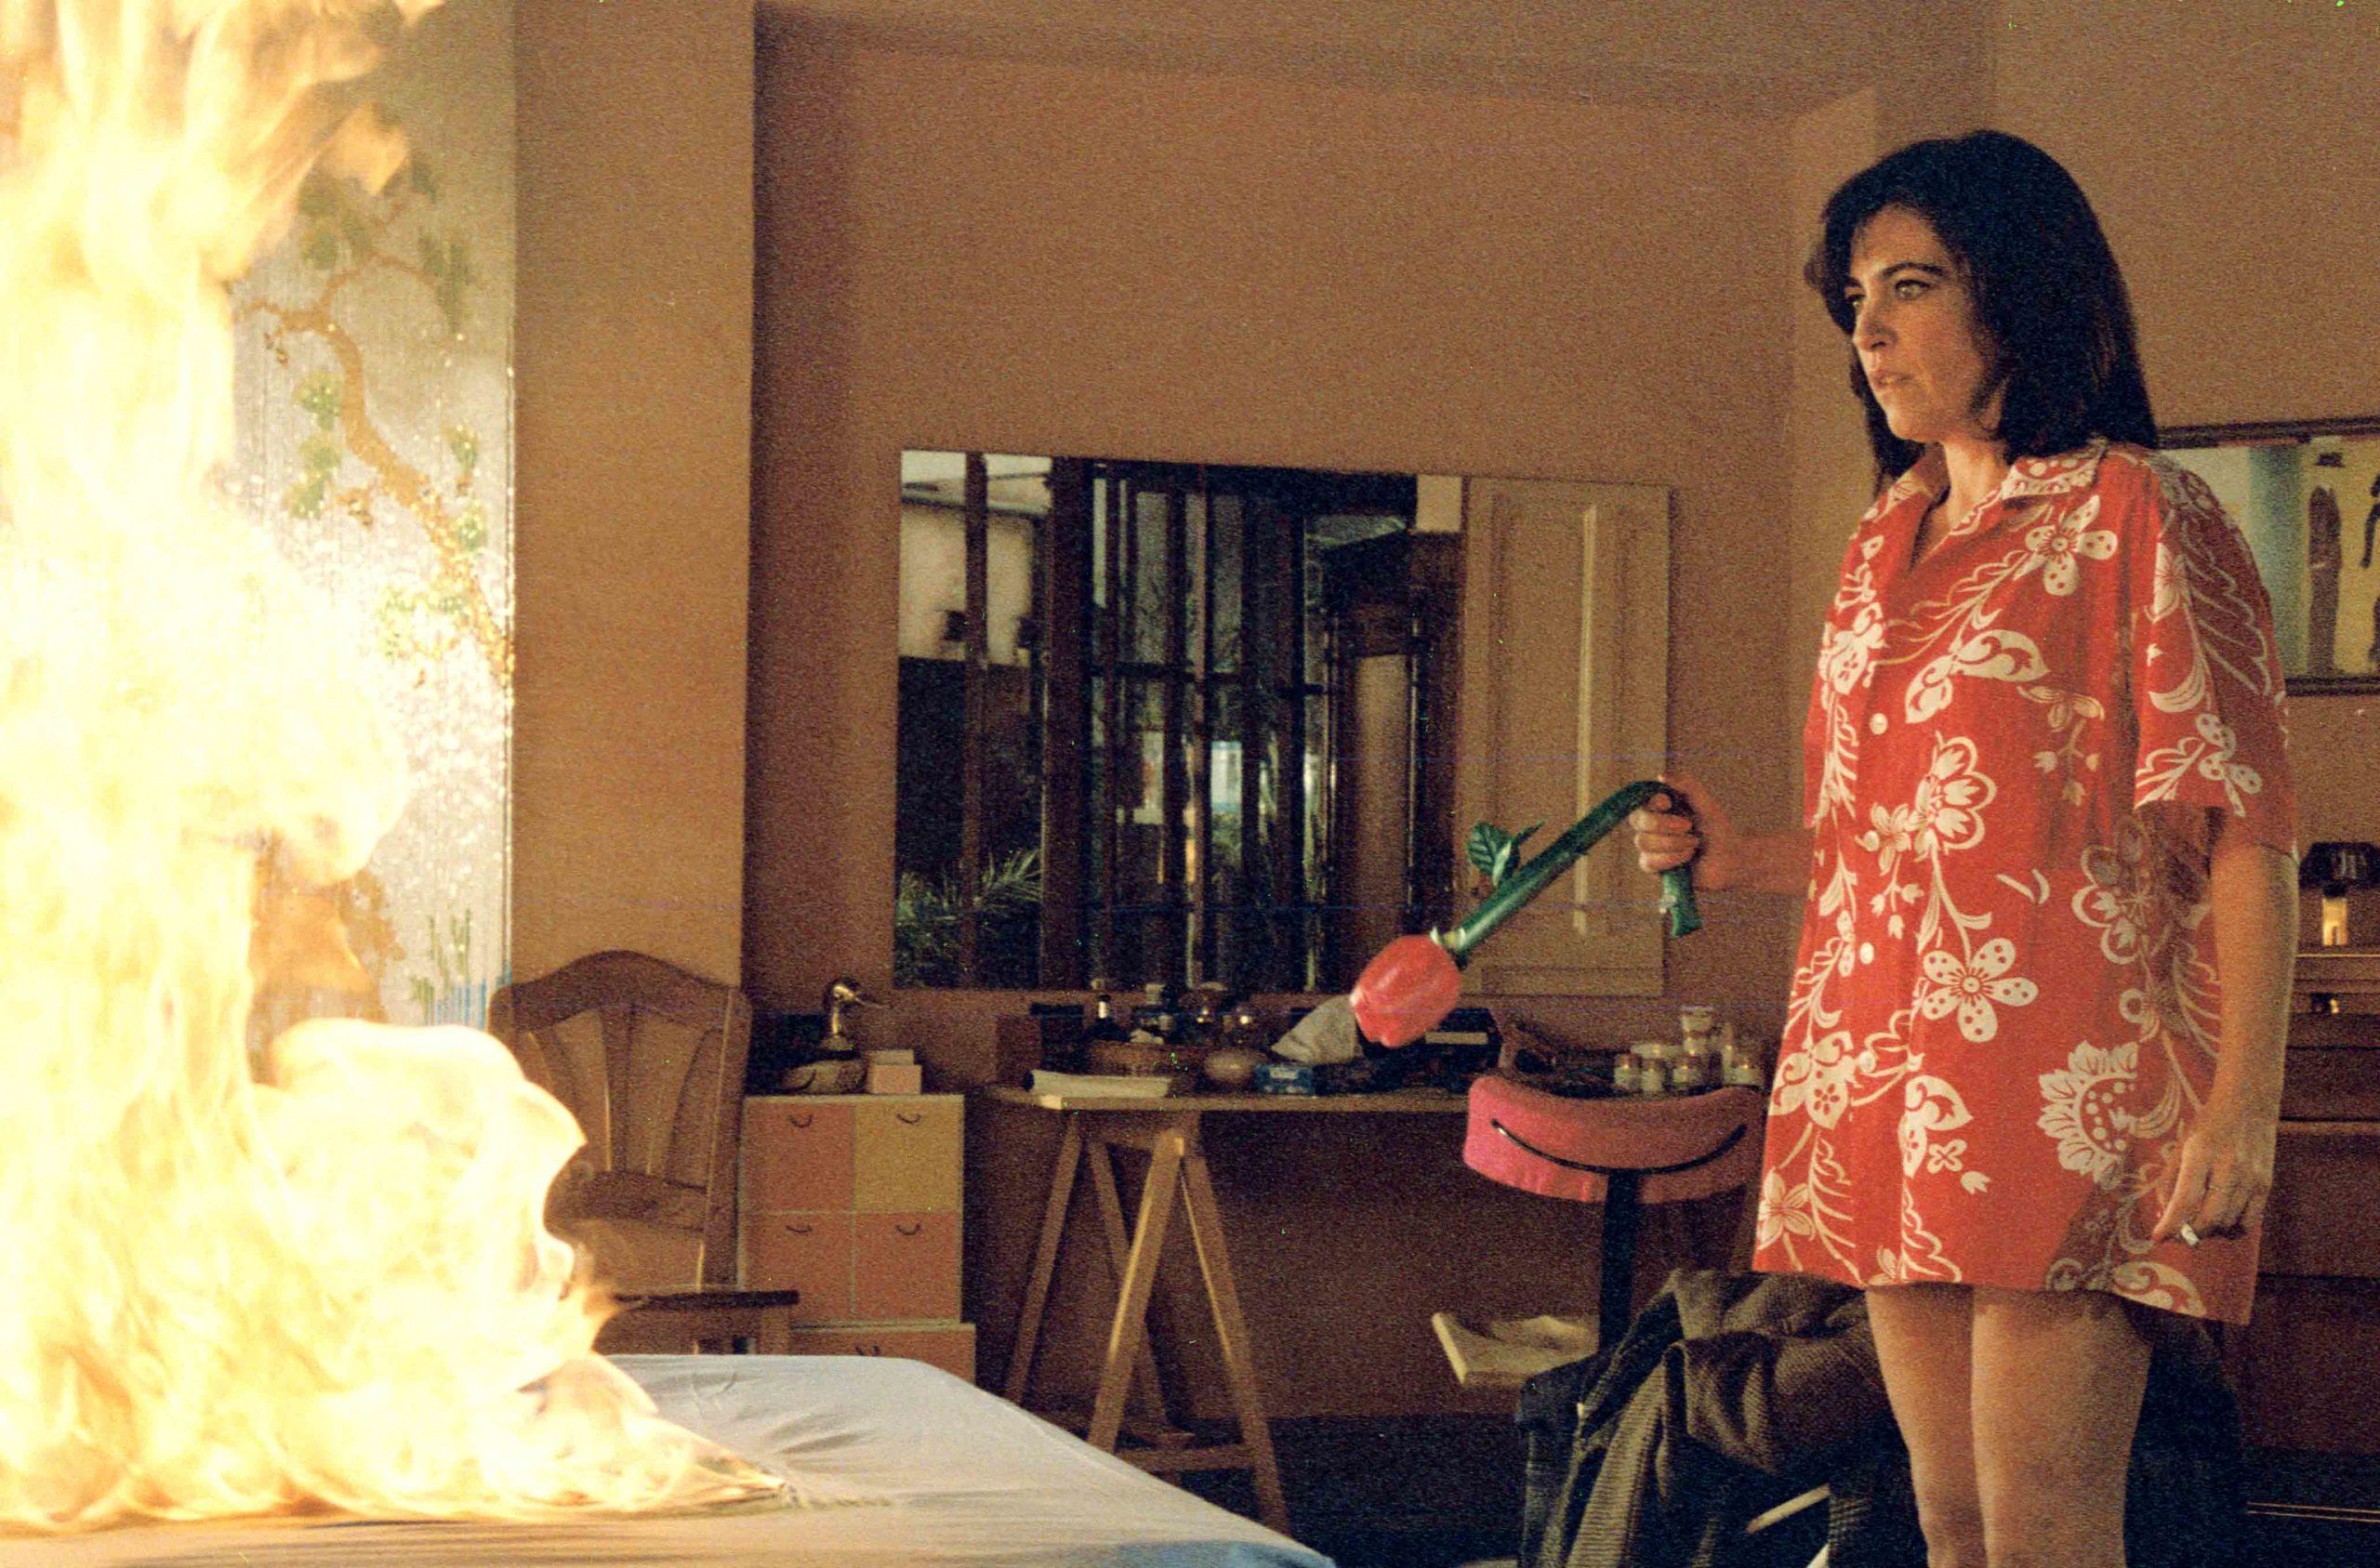 《瀕臨崩潰邊緣的女人》導演下重本為女神打造頂層豪宅 各種歇斯底里抓狂情節宛如一幅「失戀女性群像」